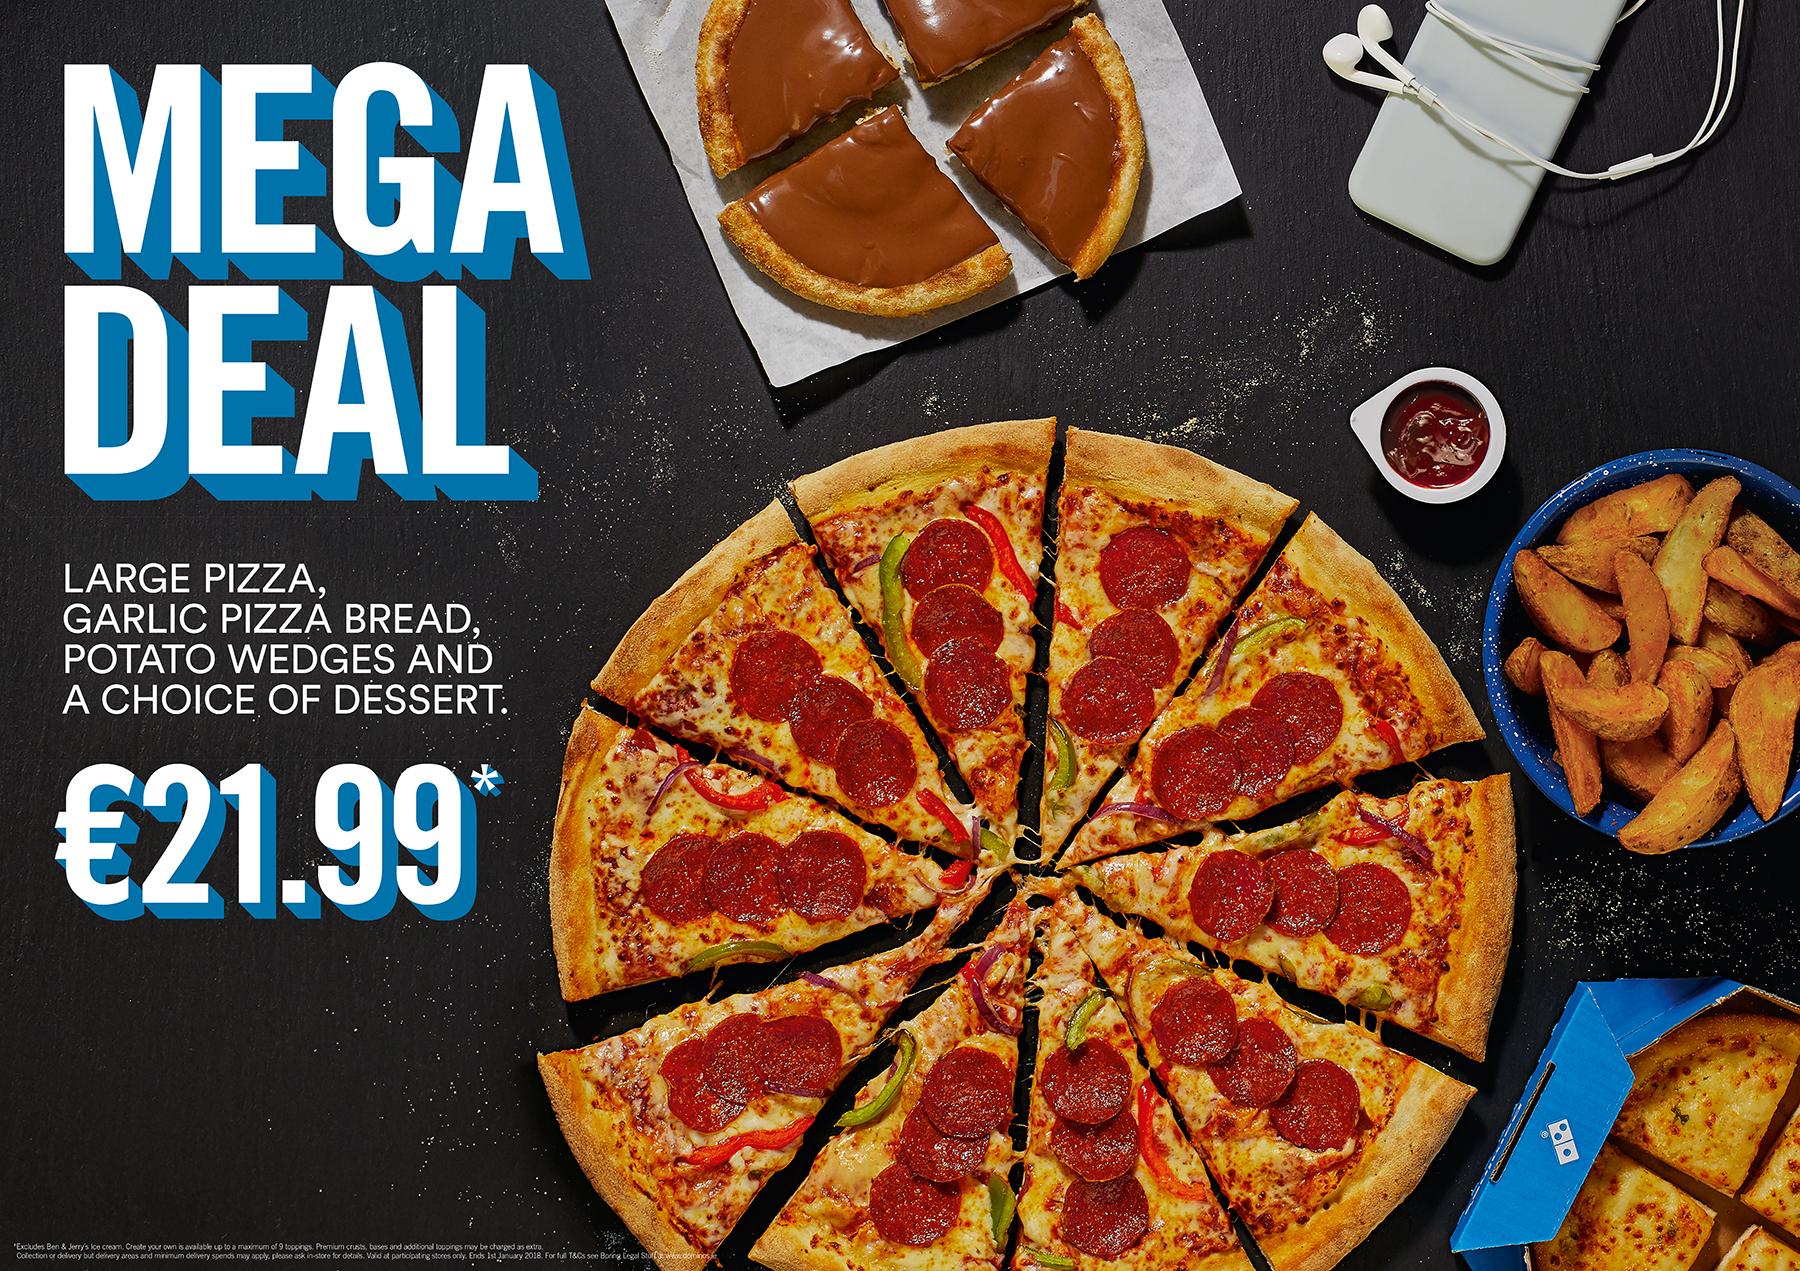 20130 32 OFO Mega Deal POSTER ROI A1.indd